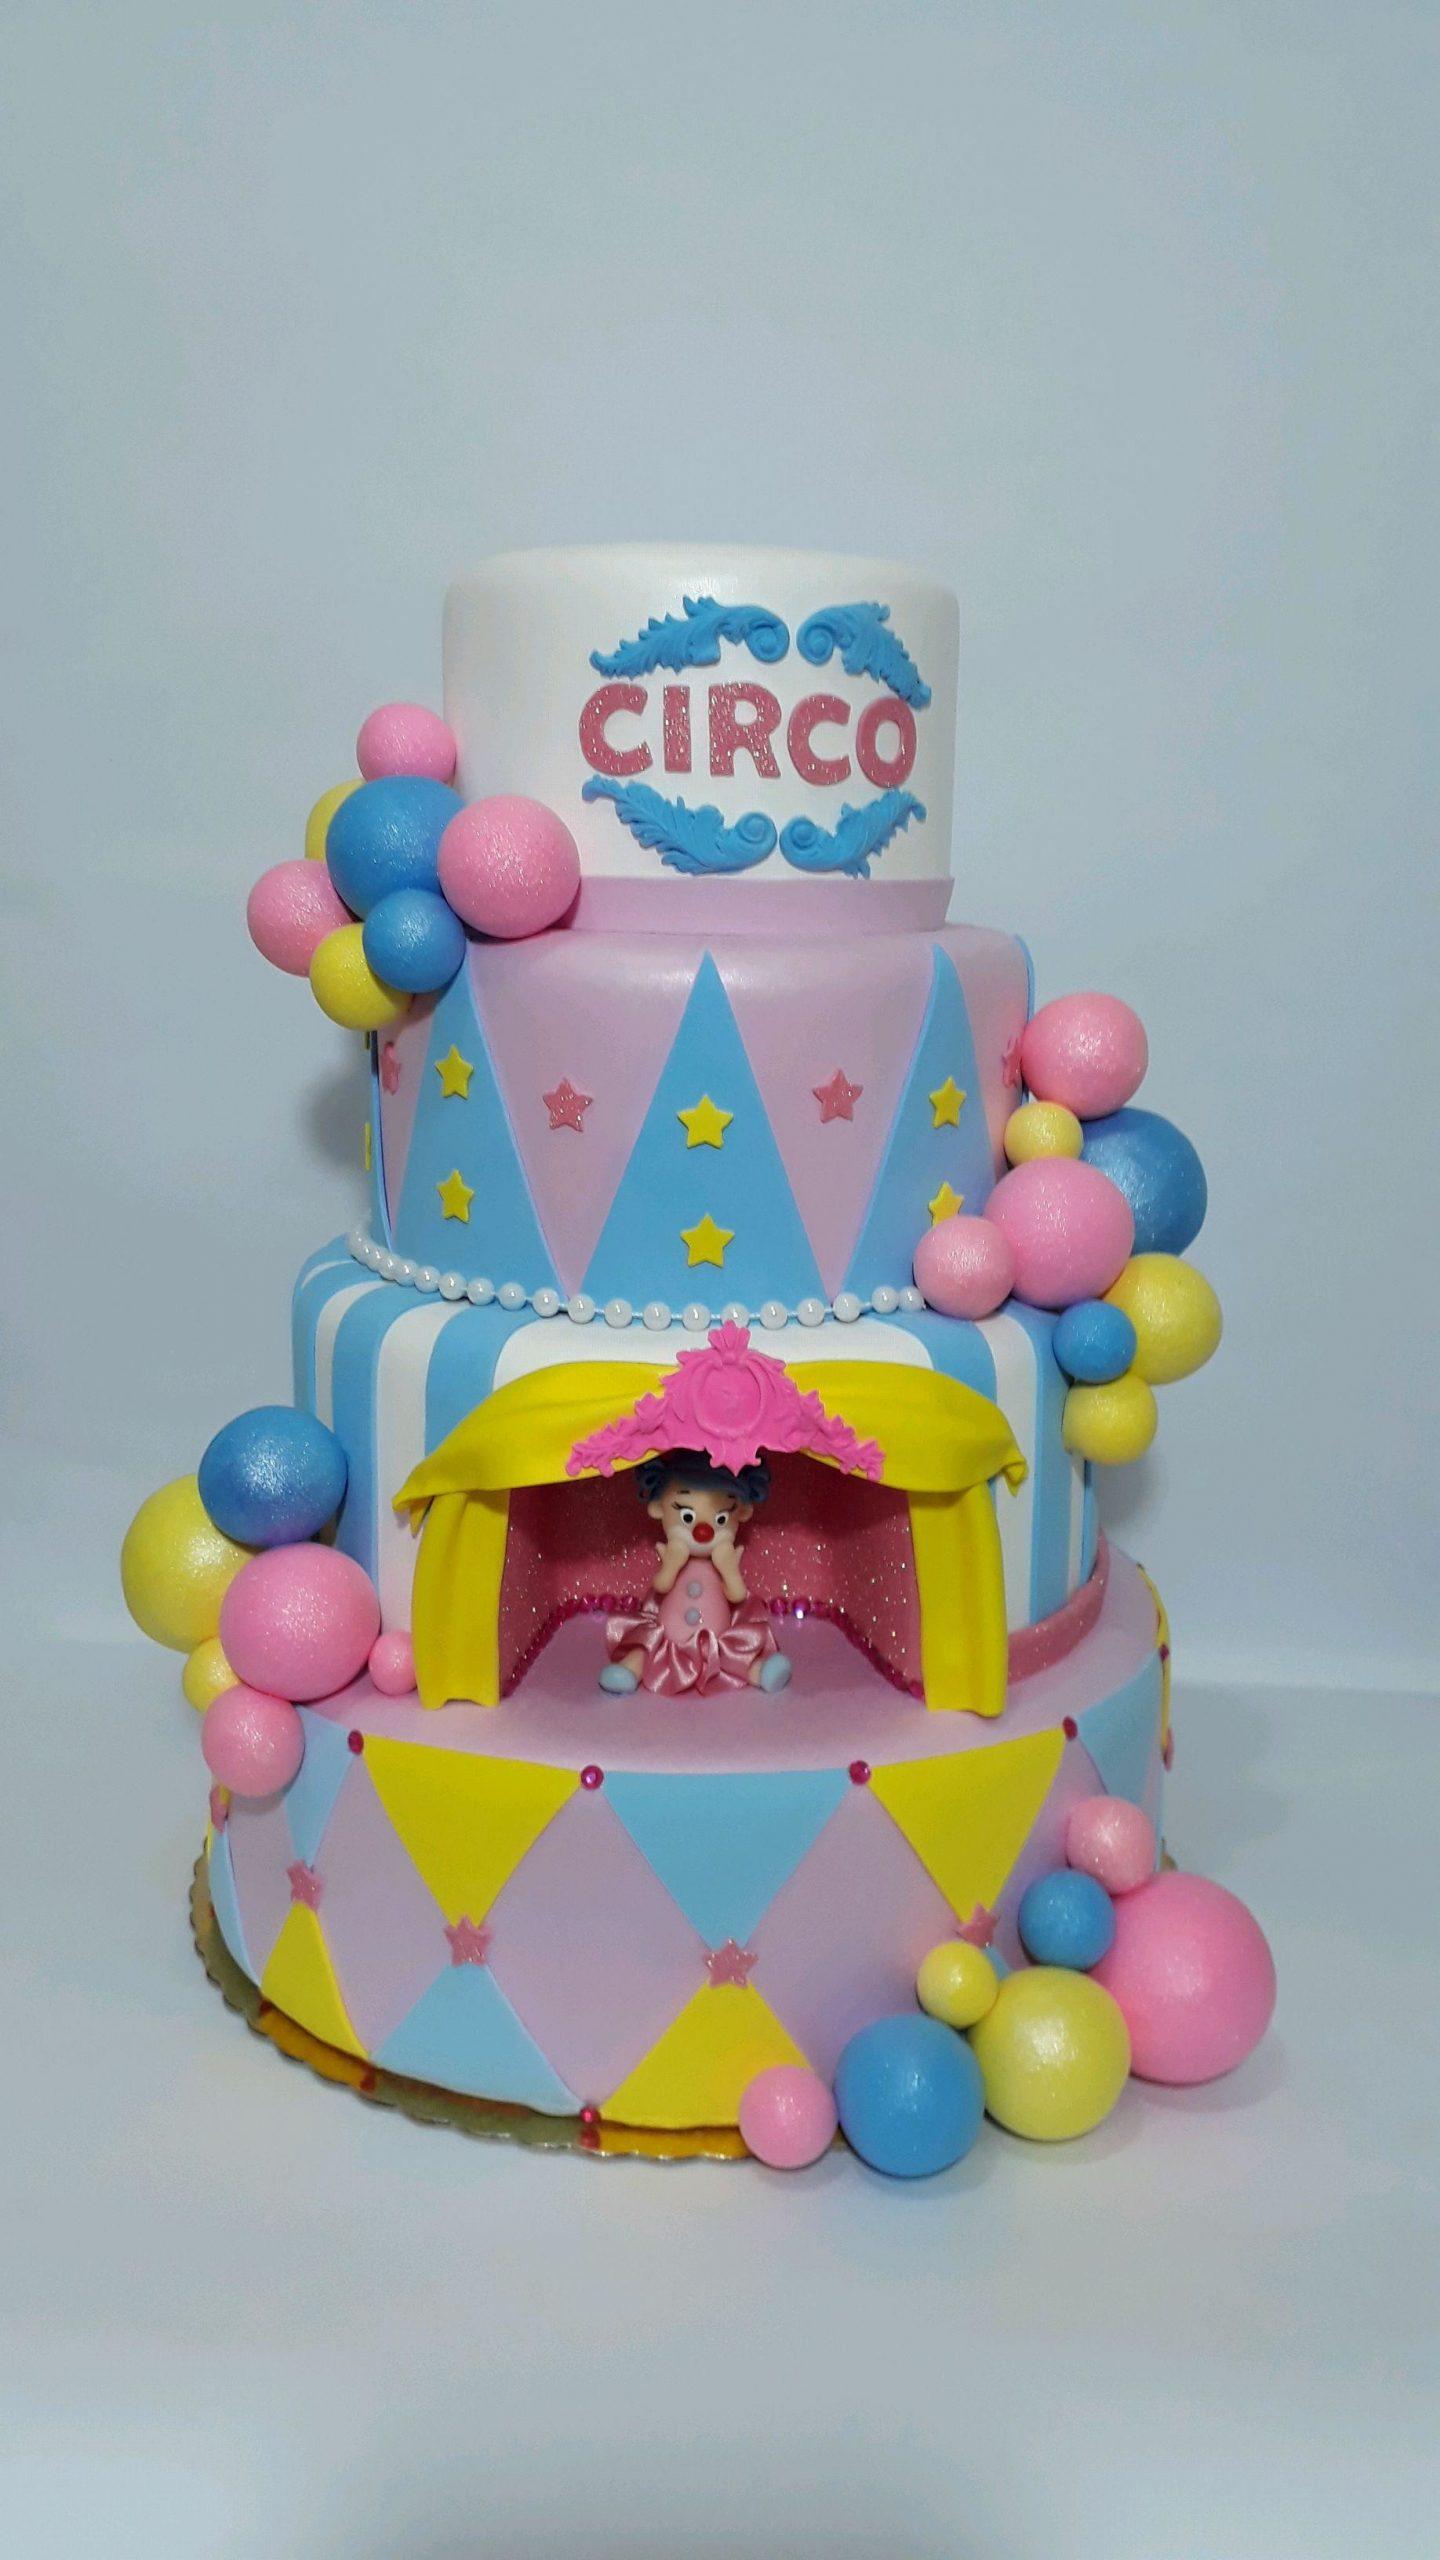 bolo fake circo Rosa E.V.A.